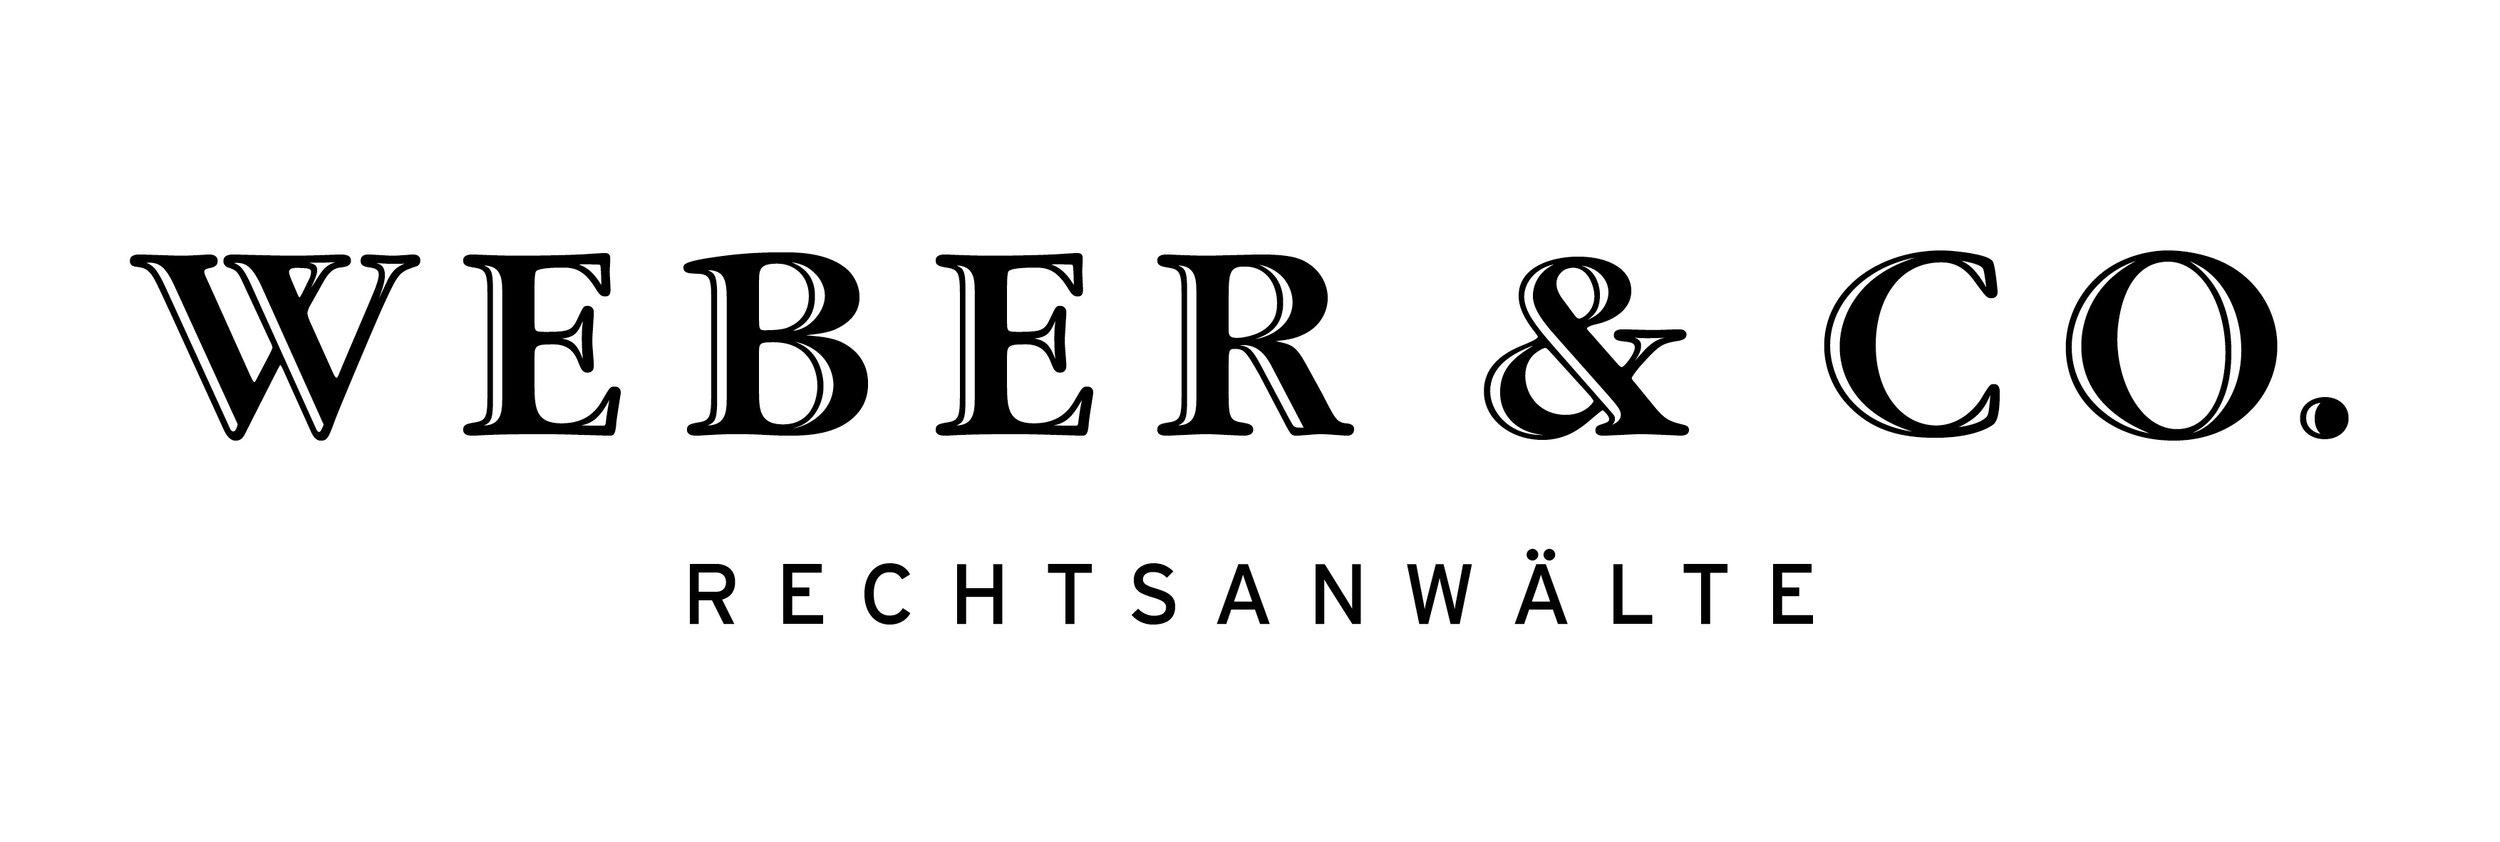 WEBER+CO-Logo.jpg